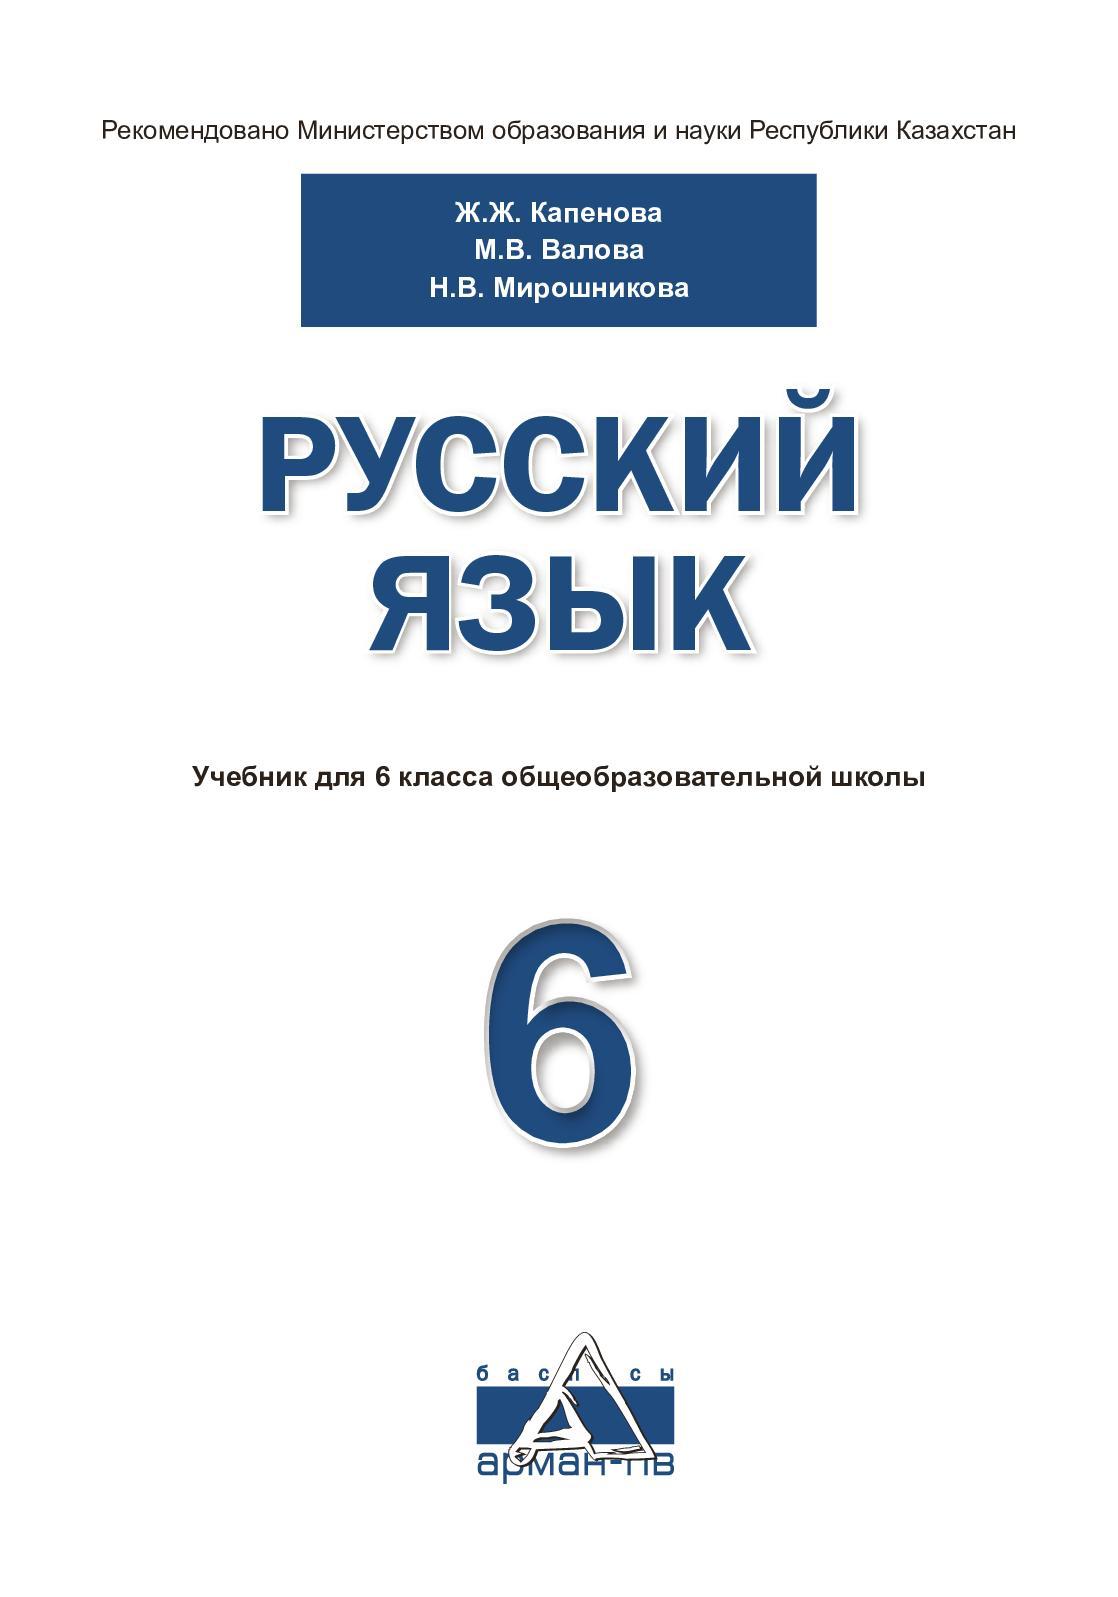 занятые это те кто 4 правильных ответа московский кредитный банк москва